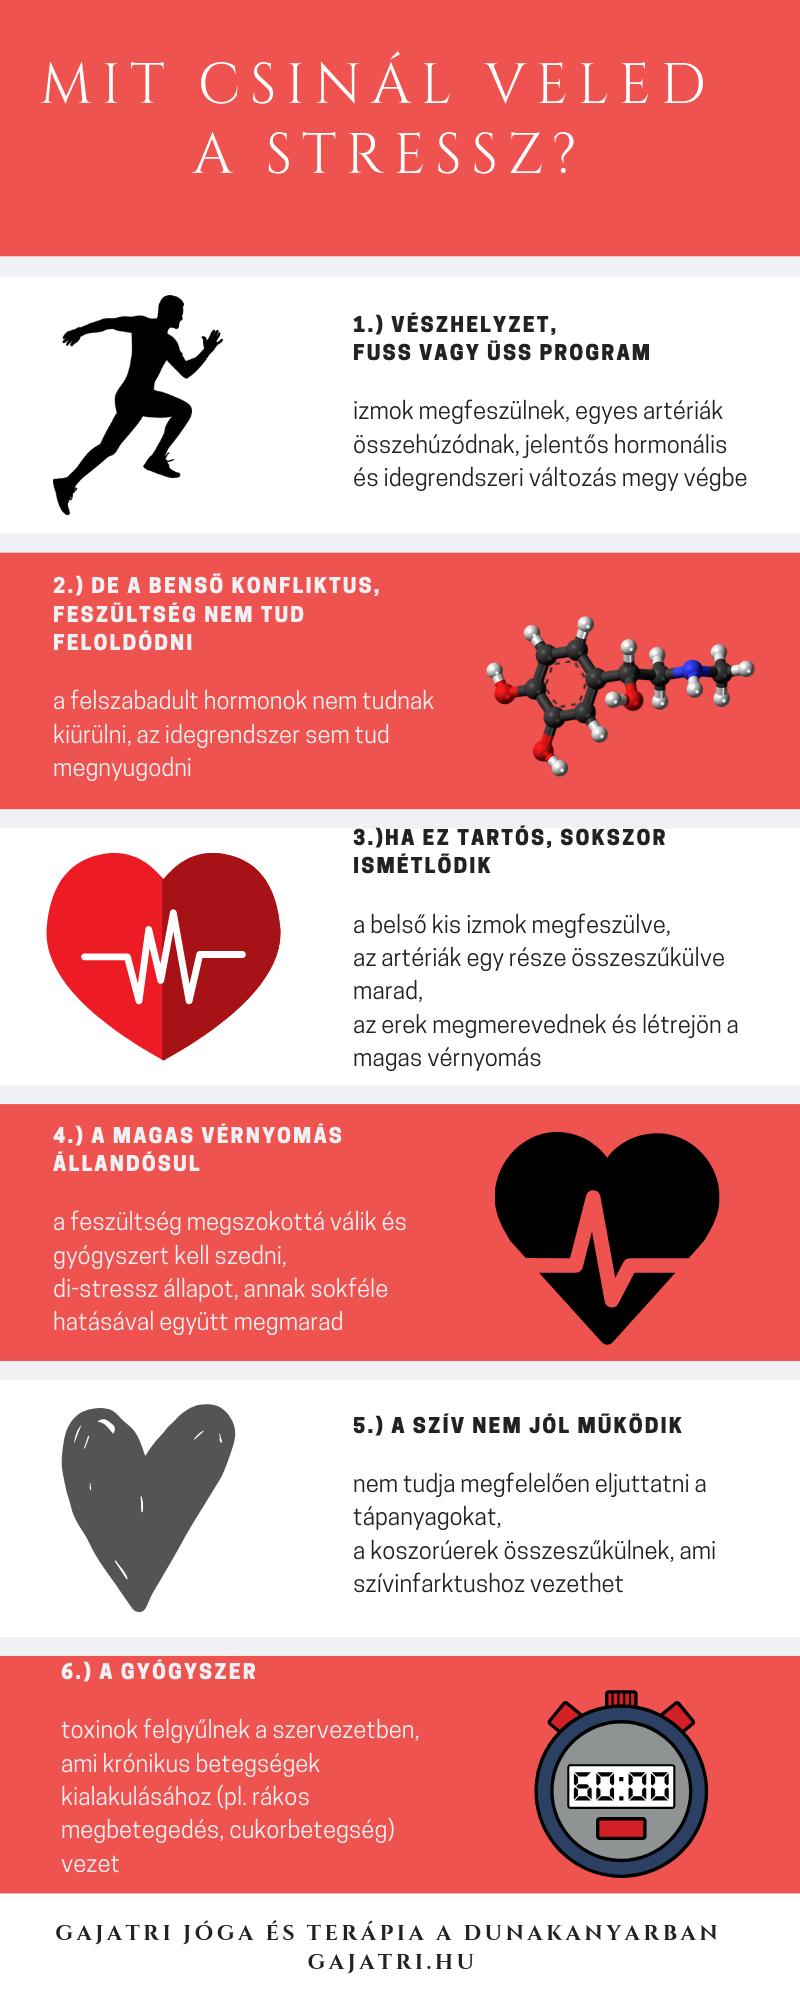 reiki és magas vérnyomás